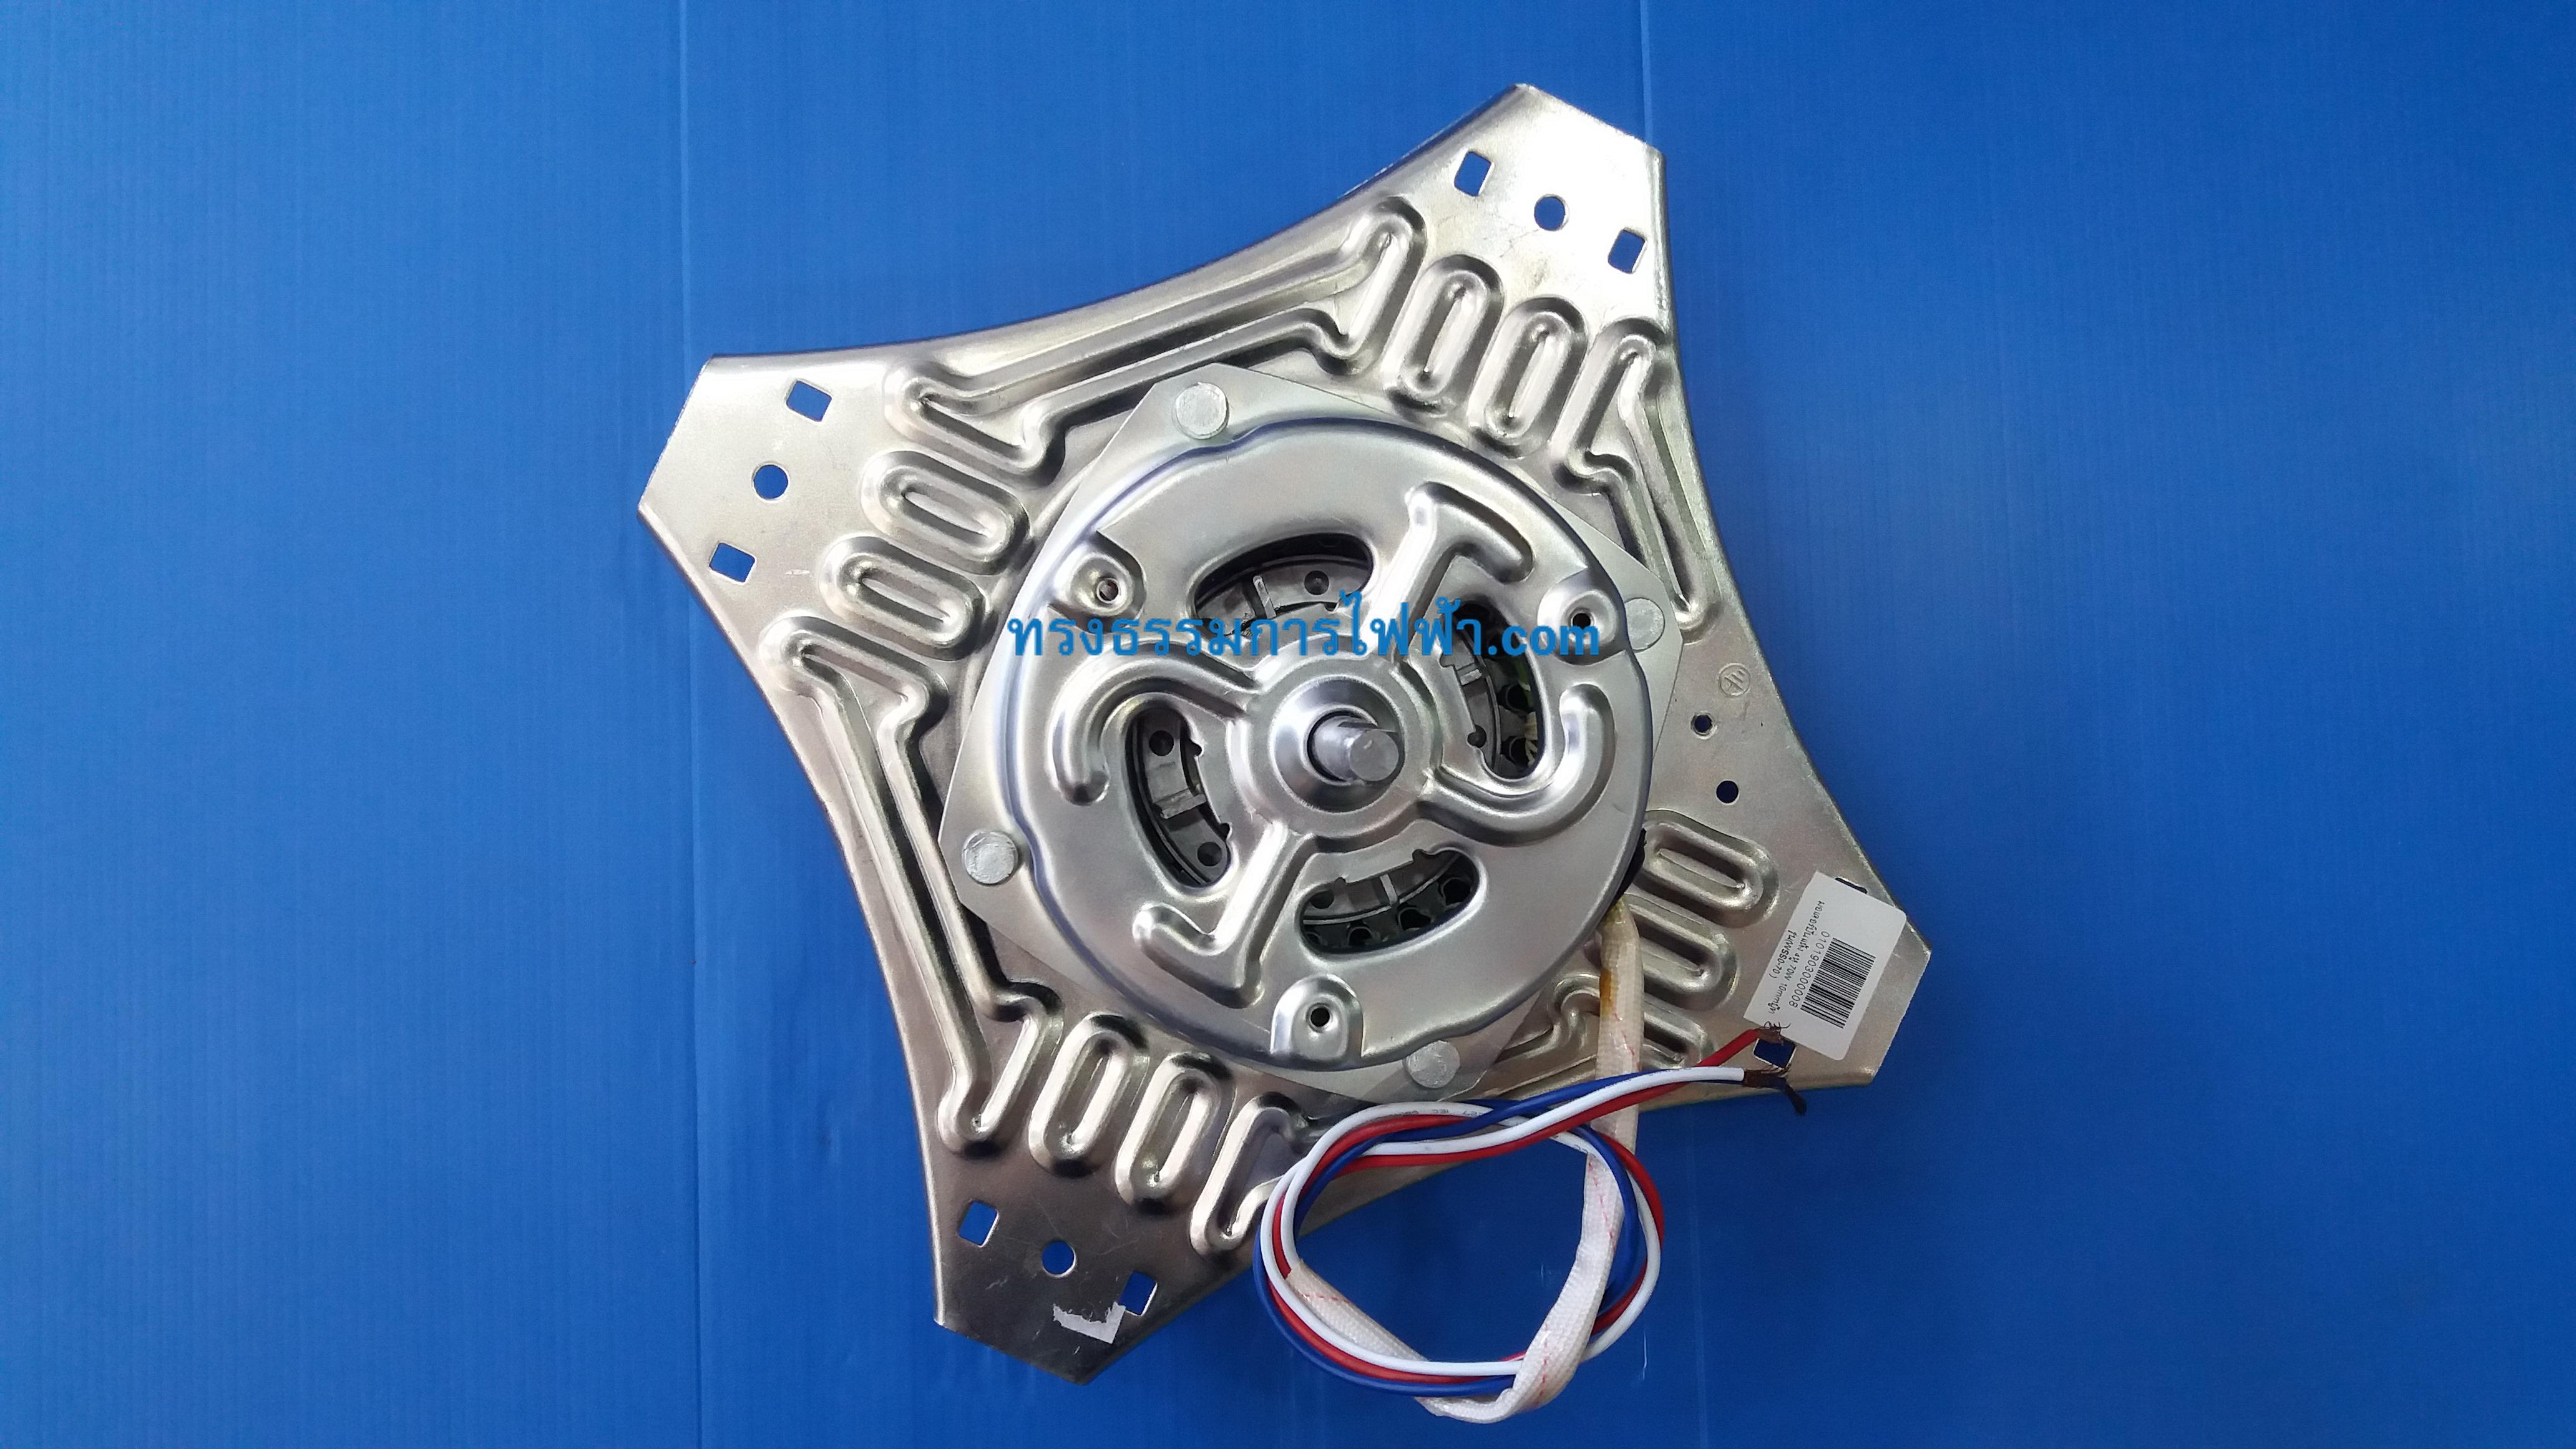 มอเตอร์ปั่นแห้งเครื่องซักผ้า แบบ2ถัง แกน10mm.70w.(4หู)